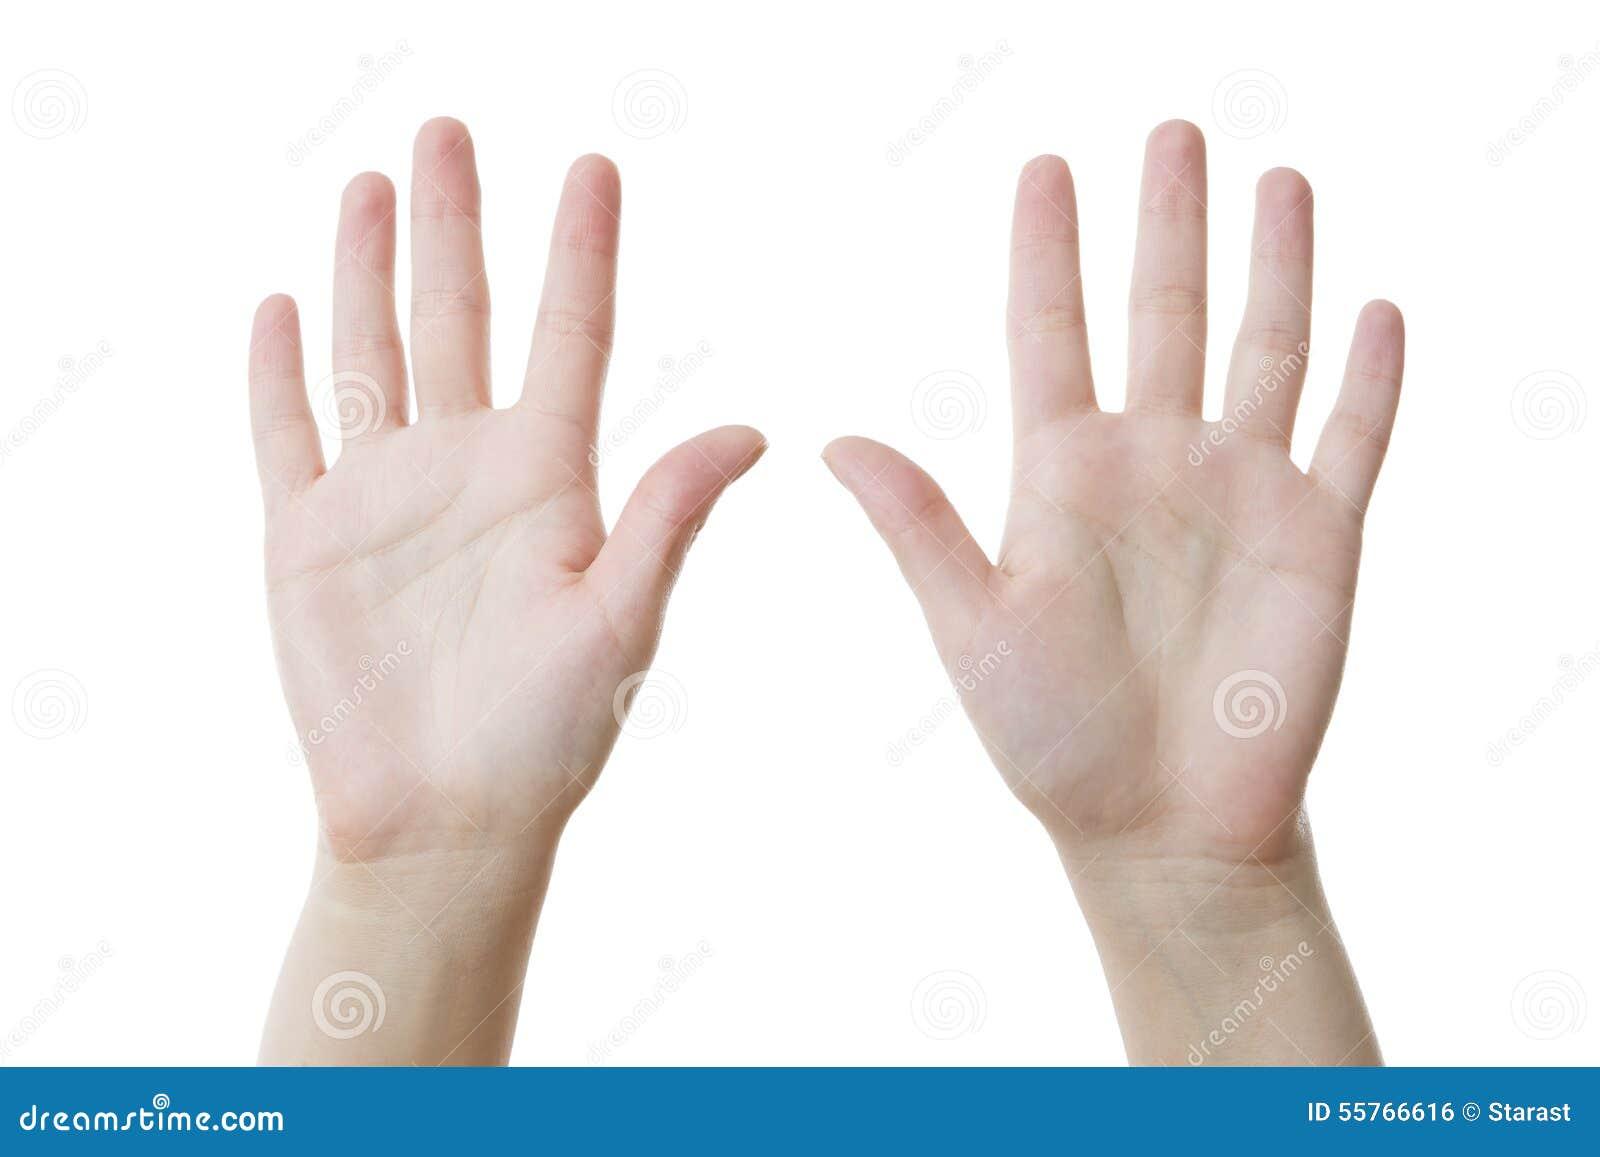 Zwei weibliche Hände, Palmen oben